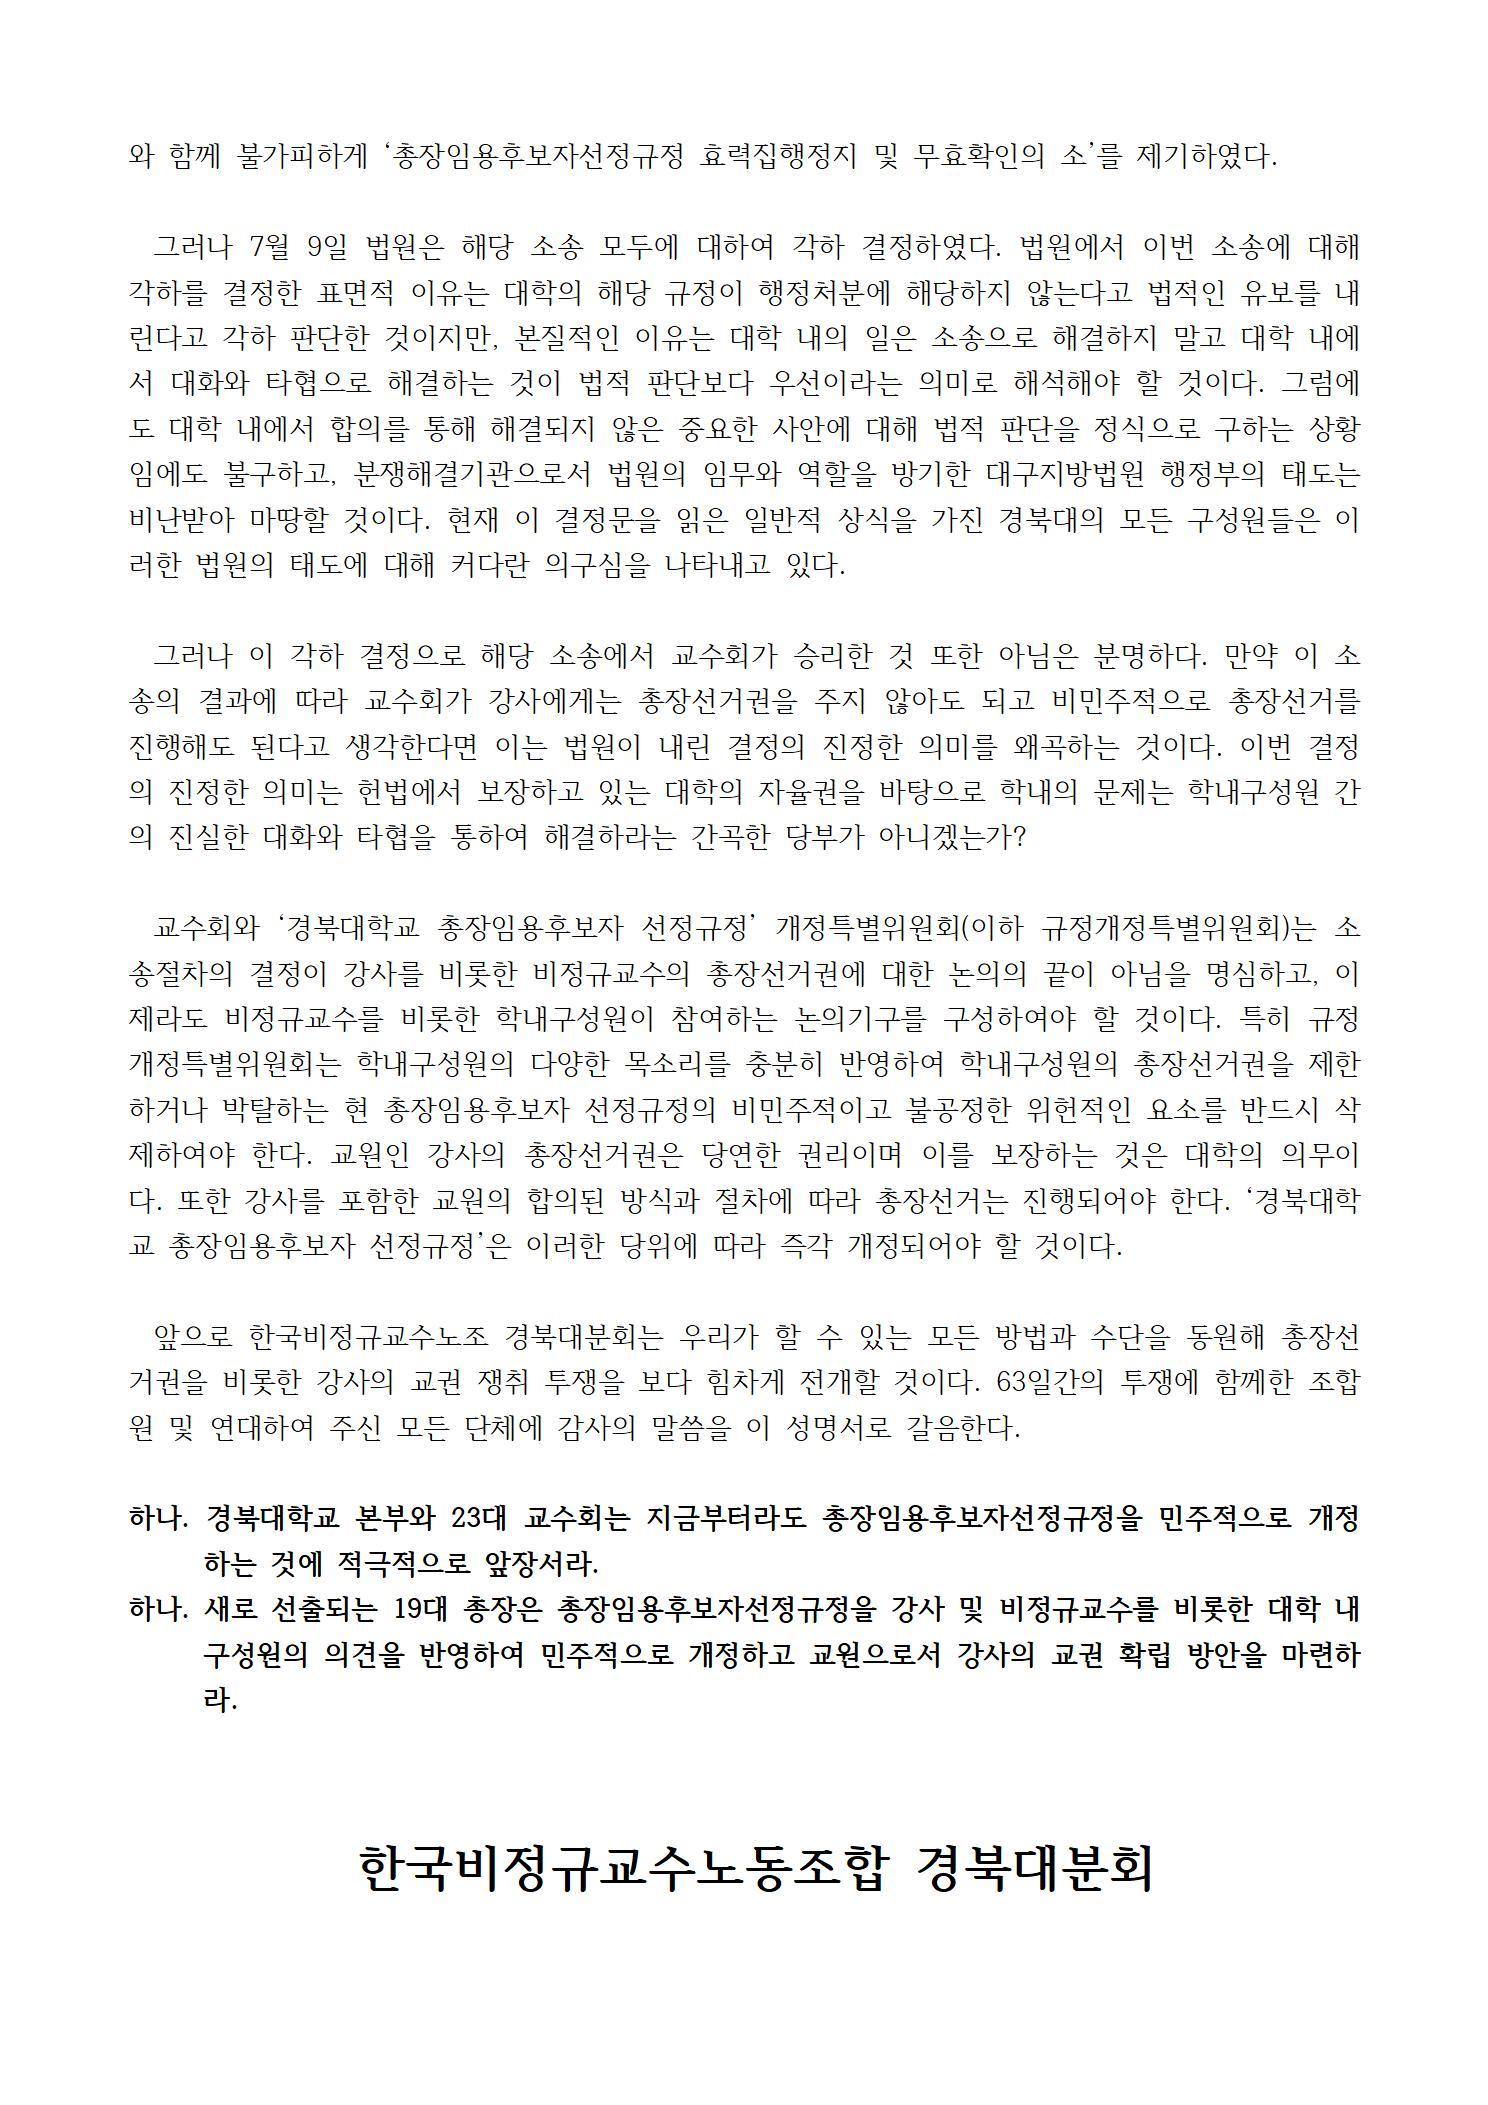 (200714)강사의 총장 선거권을 보장하라! 총장 선거권 쟁취를 위한 63일간의 투쟁을 잠시 끝마치며002.jpg